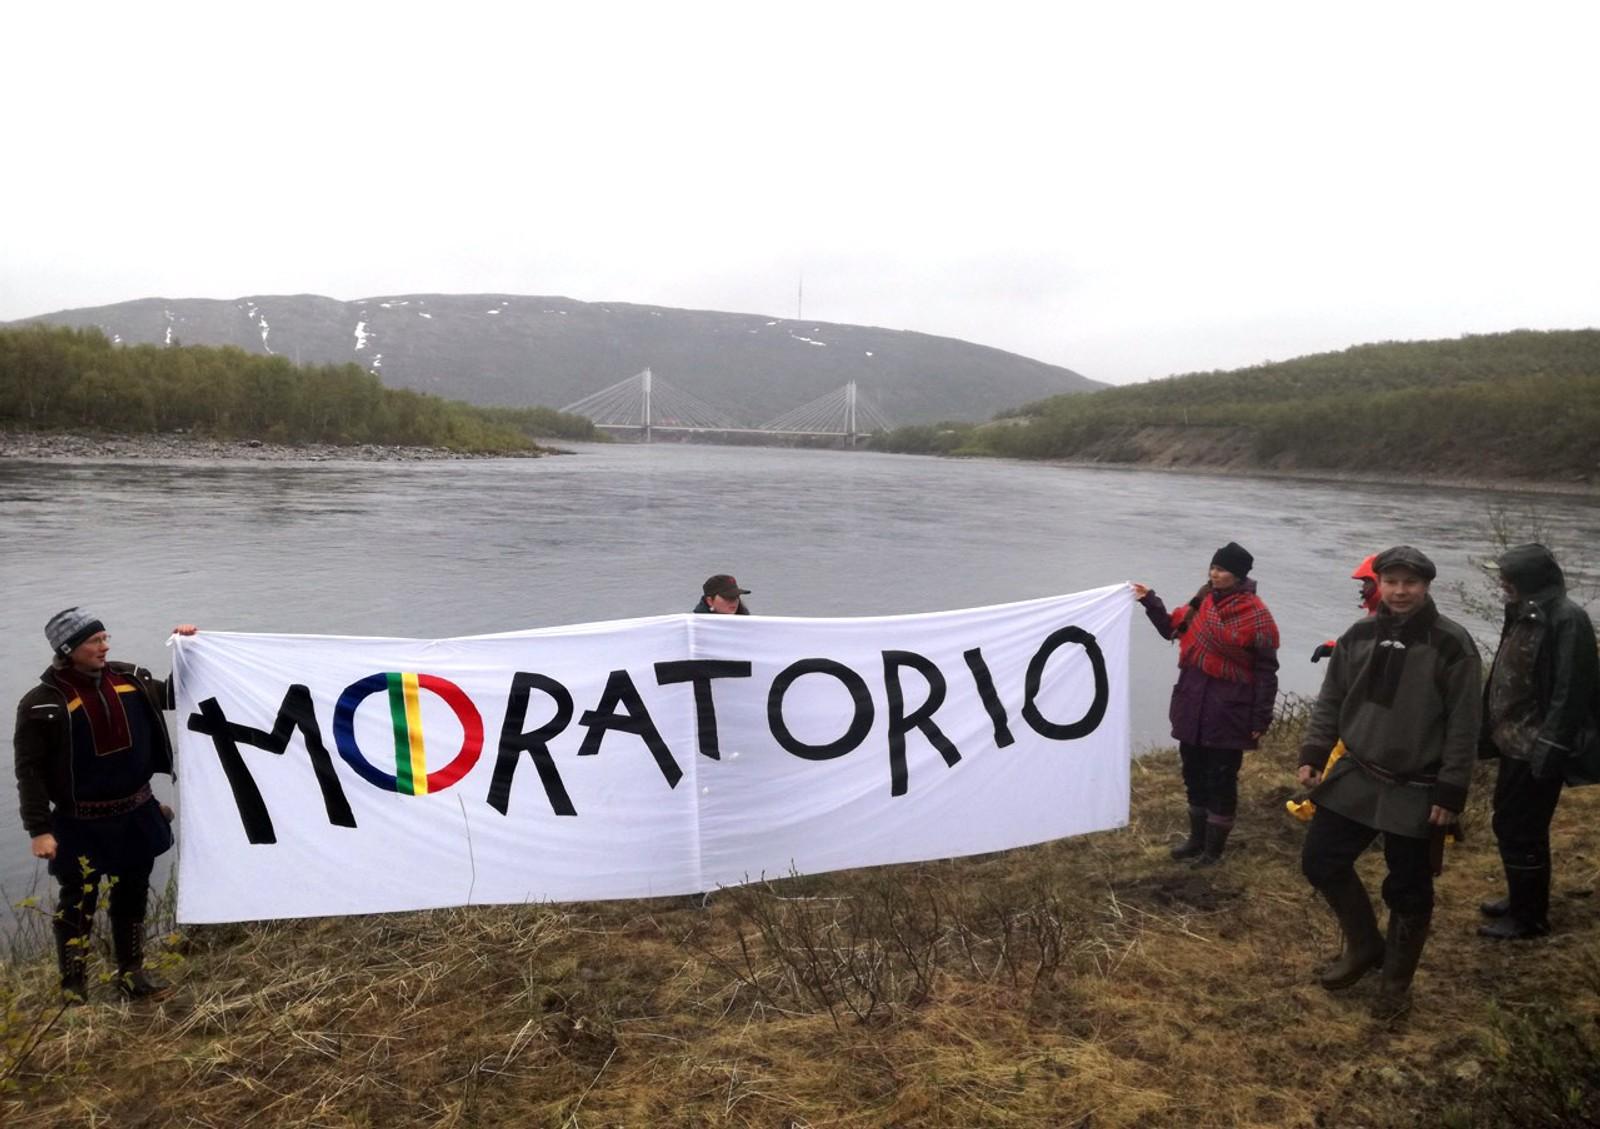 Demonstrantene kaller seg «Ellos Deatnu» som på norsk betyr «La Tanaelva leve». Gruppen består hovedsakelig av lokale og regionale samer, gjerne av den yngre garde, både fra norsk og finsk side. De har også høstet støtte fra enkelte russiske og svenske samer.